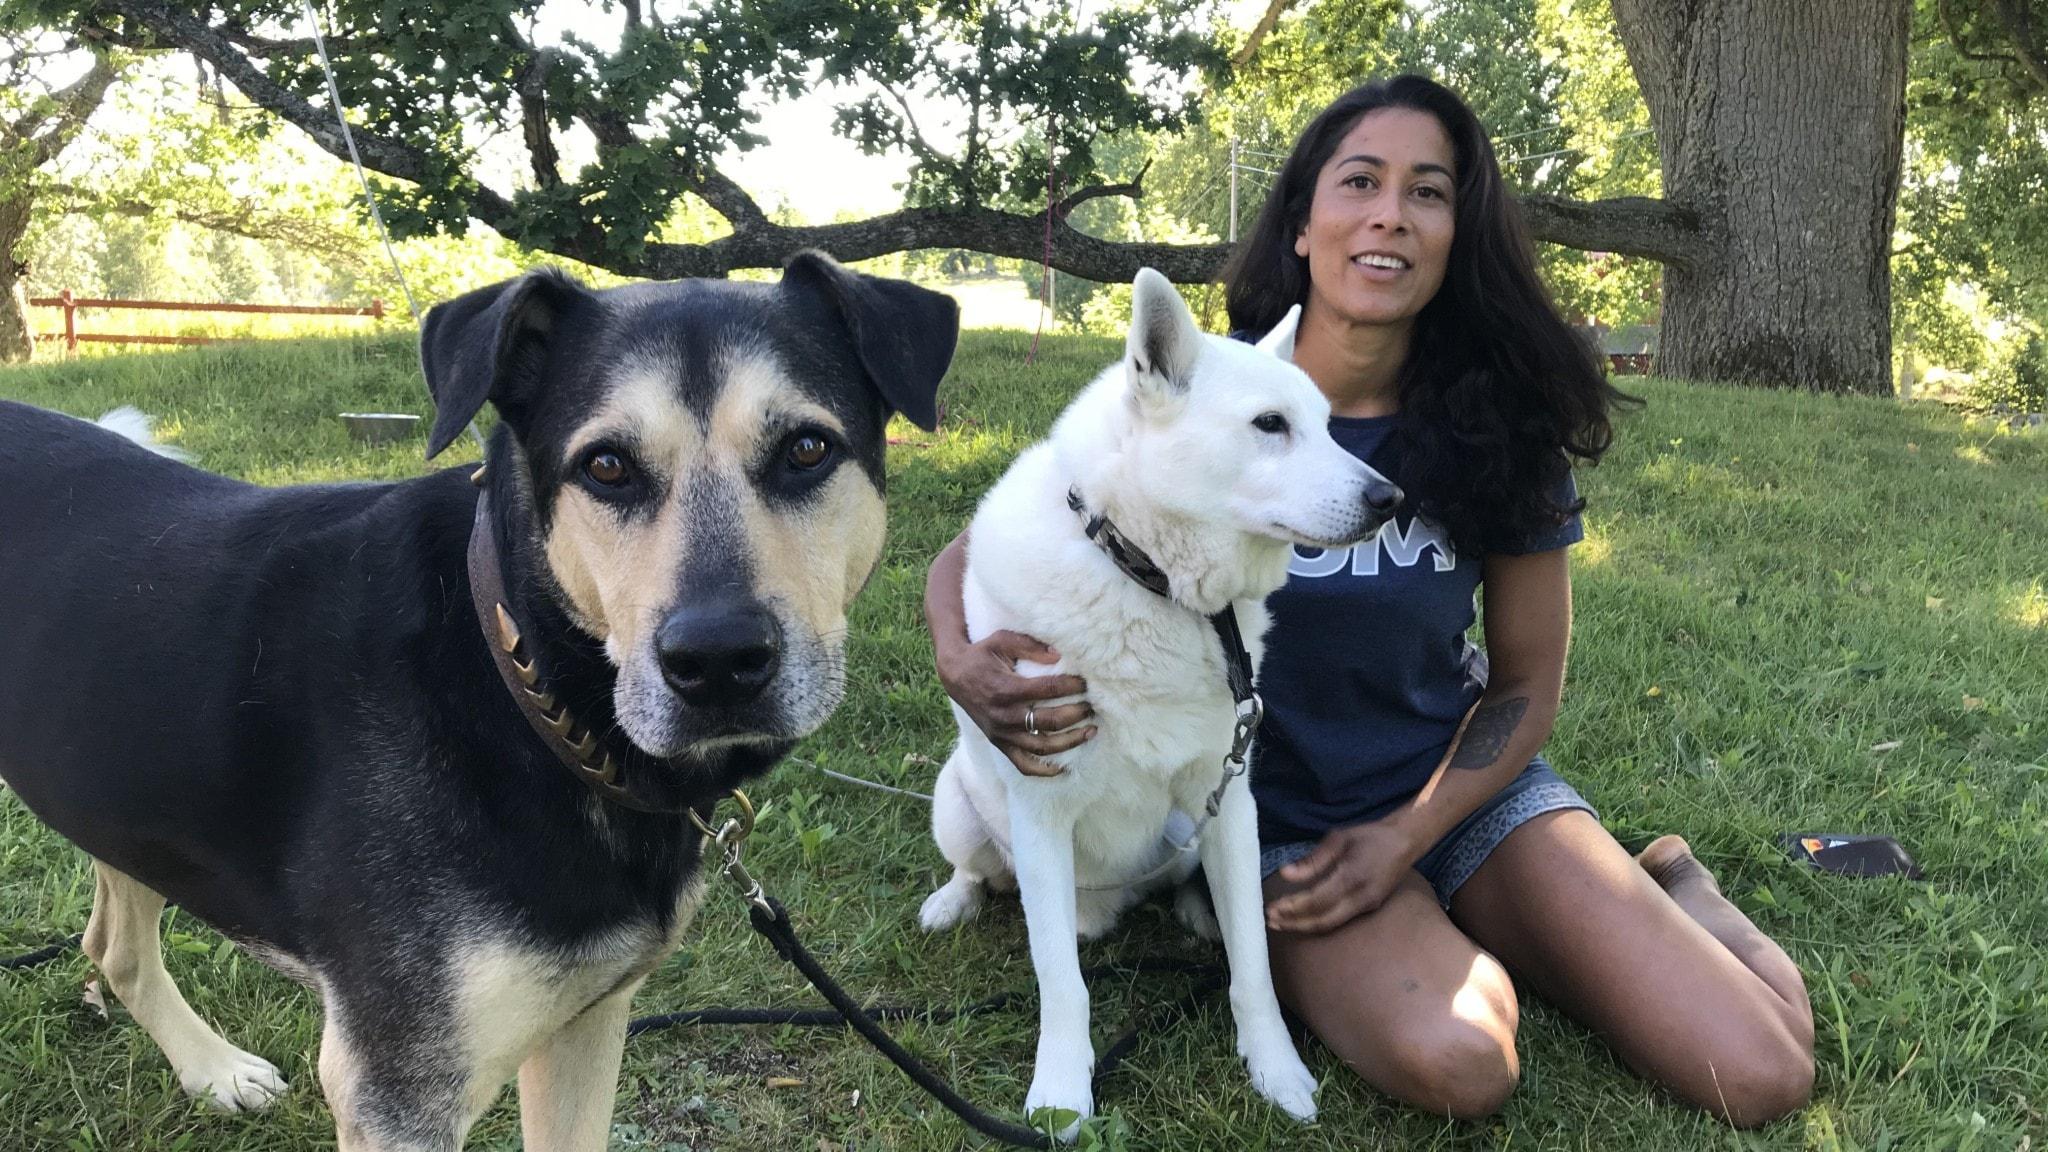 Hundexpert med två hundar i gräset